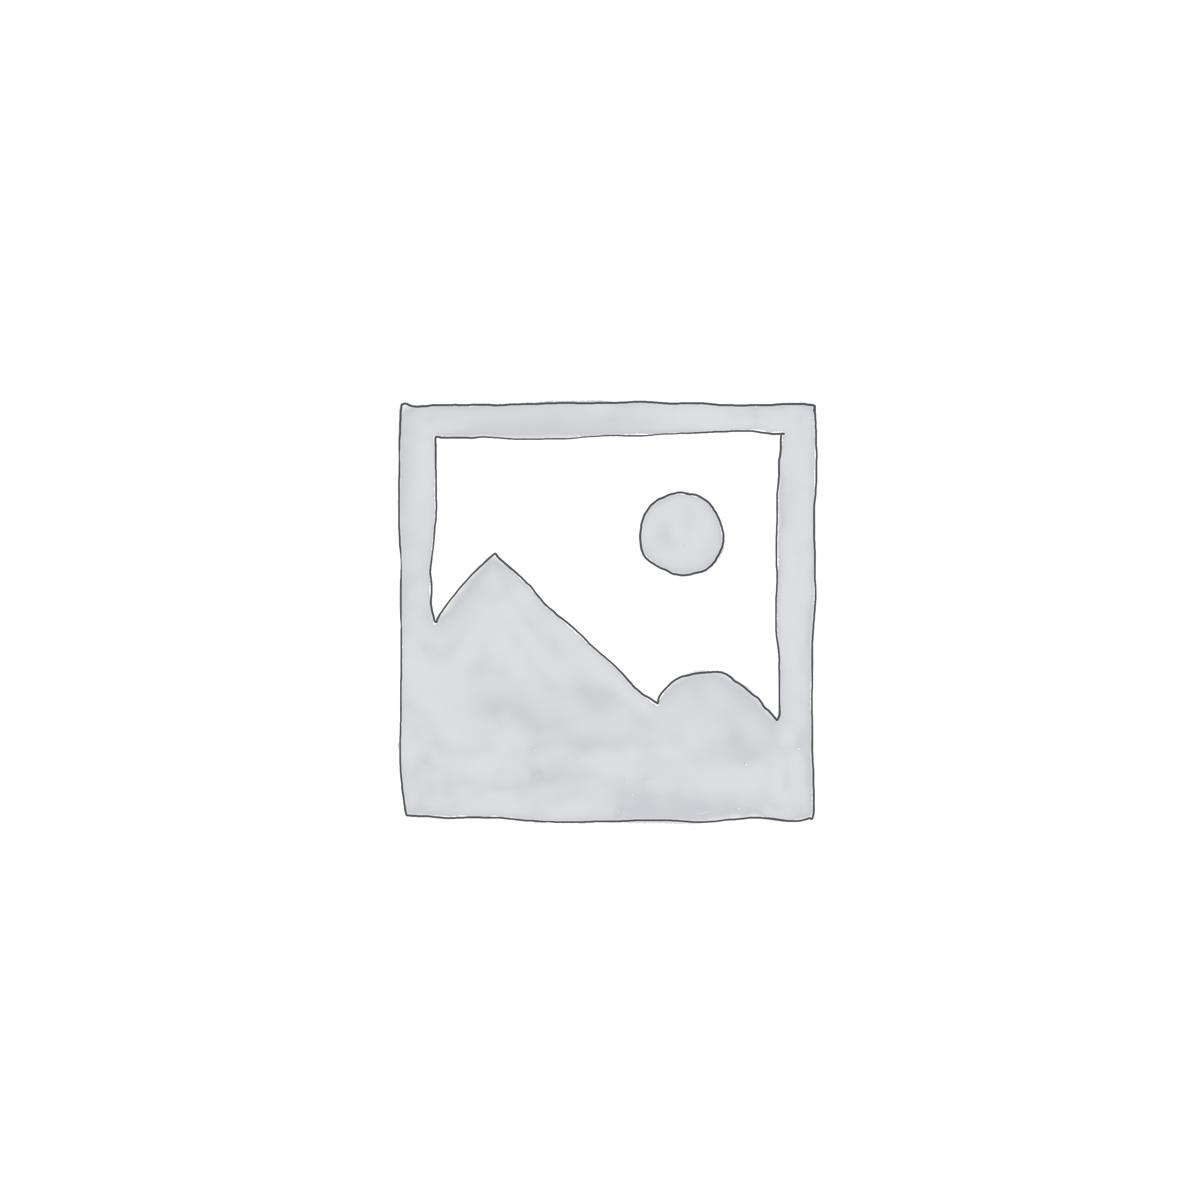 Top Micro Không Dây Đeo Tai, Cài Áo Rẻ Nhất Hiện Nay